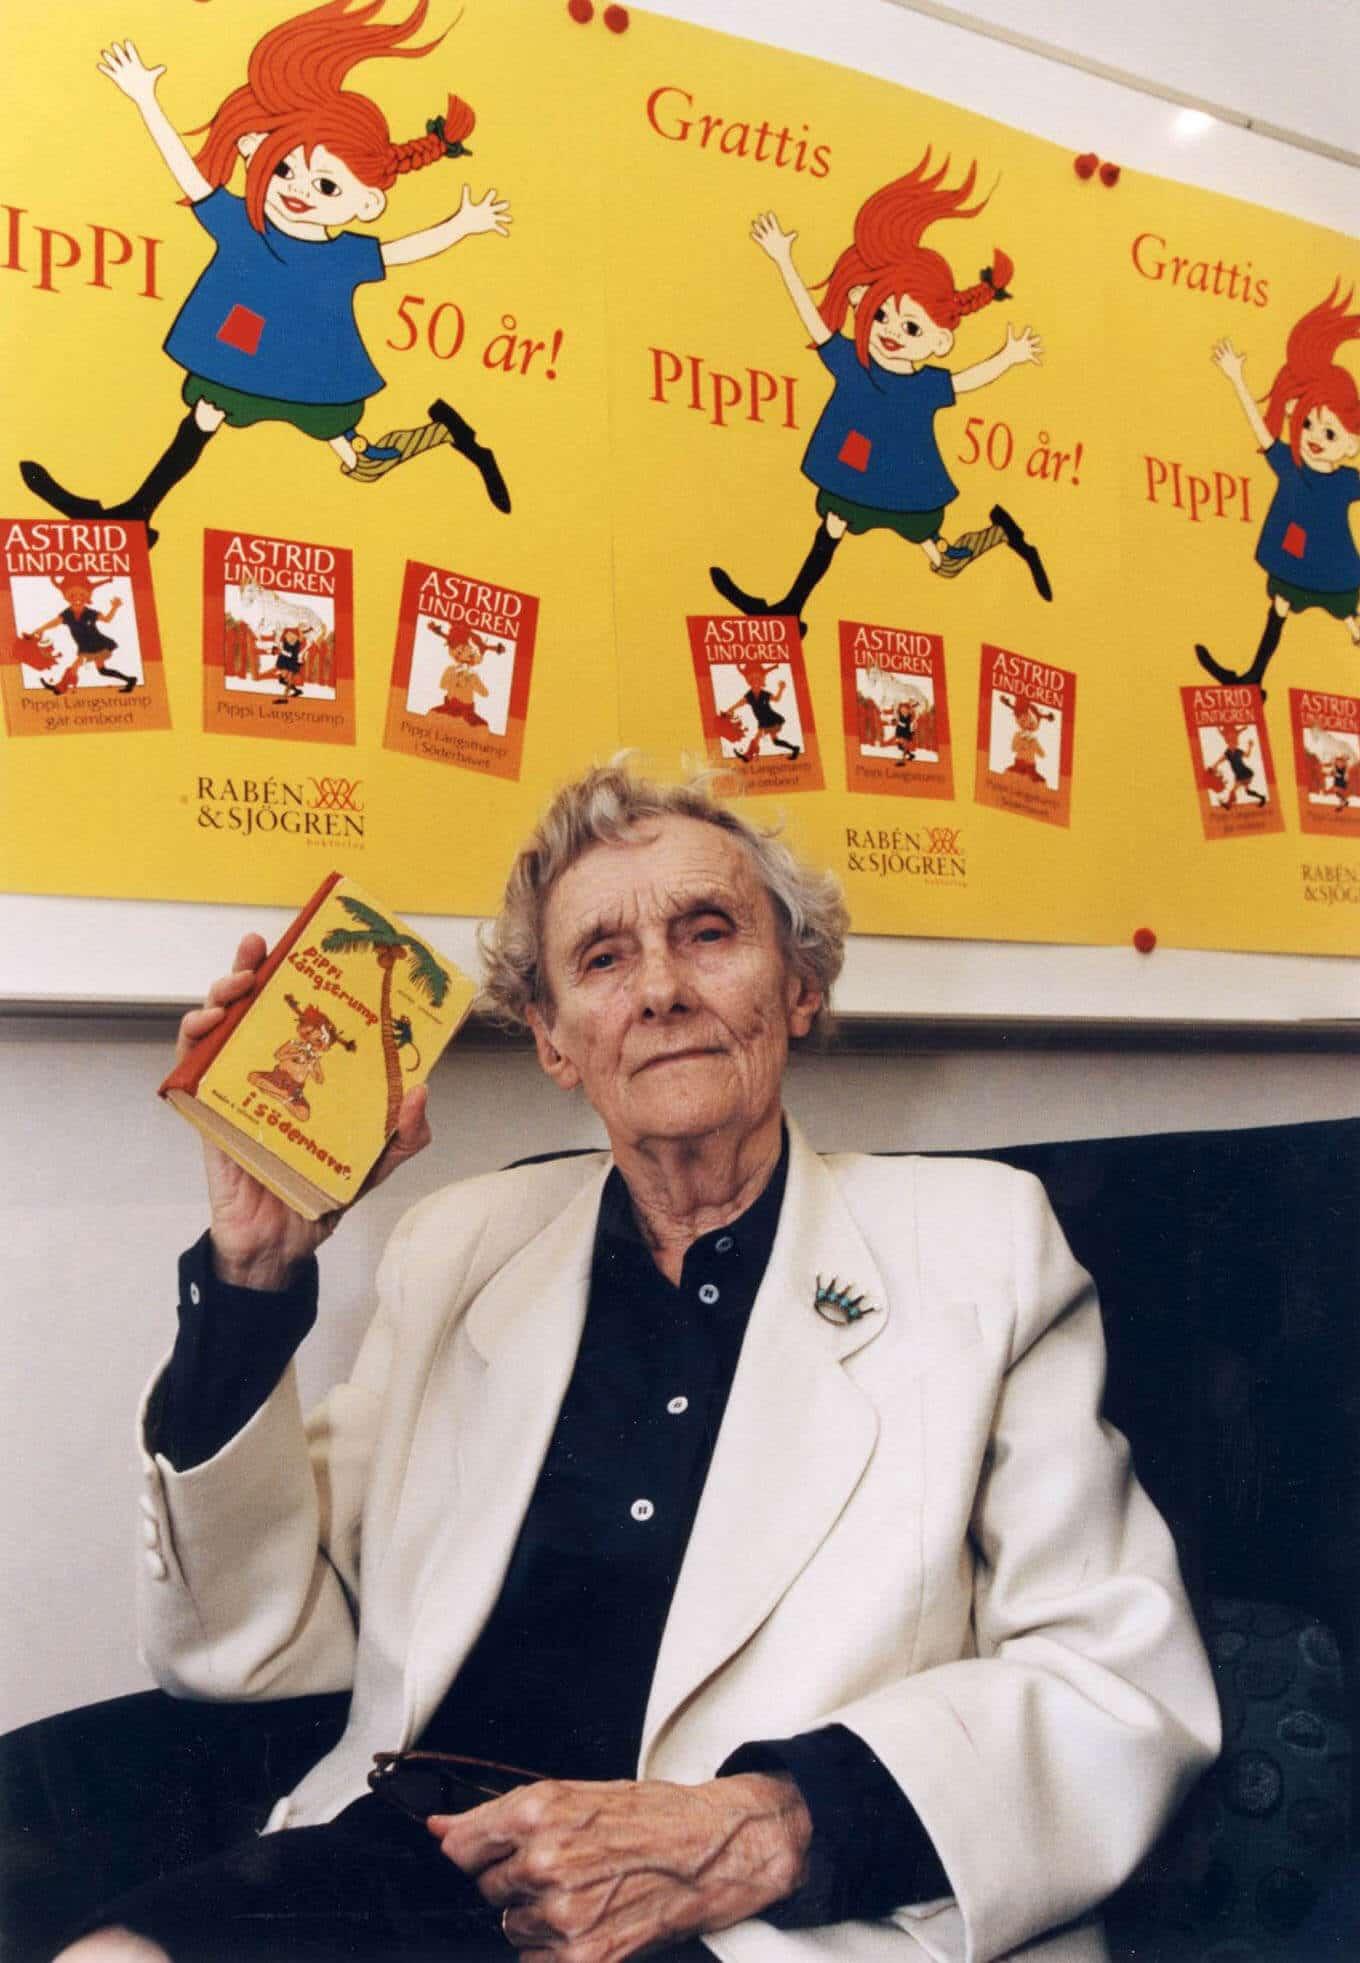 绘本故事 | 童话外婆阿斯特丽德•林格伦和《长袜子皮皮》(上)插图8